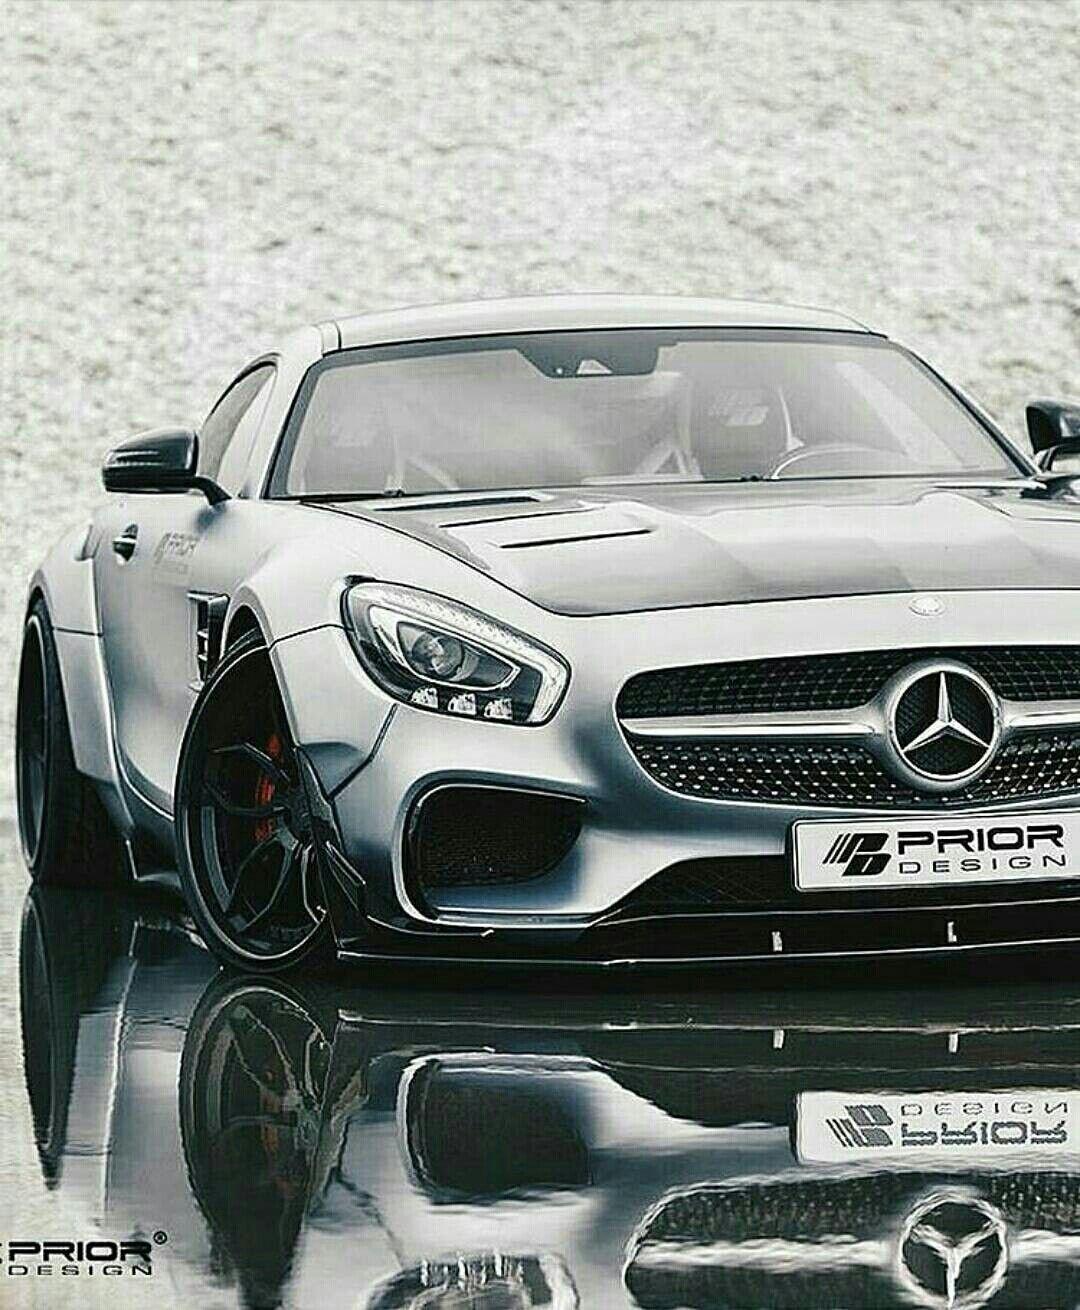 Pin von Steel Armor auf Mercedes - AMG & Brabus   Pinterest   Sterne